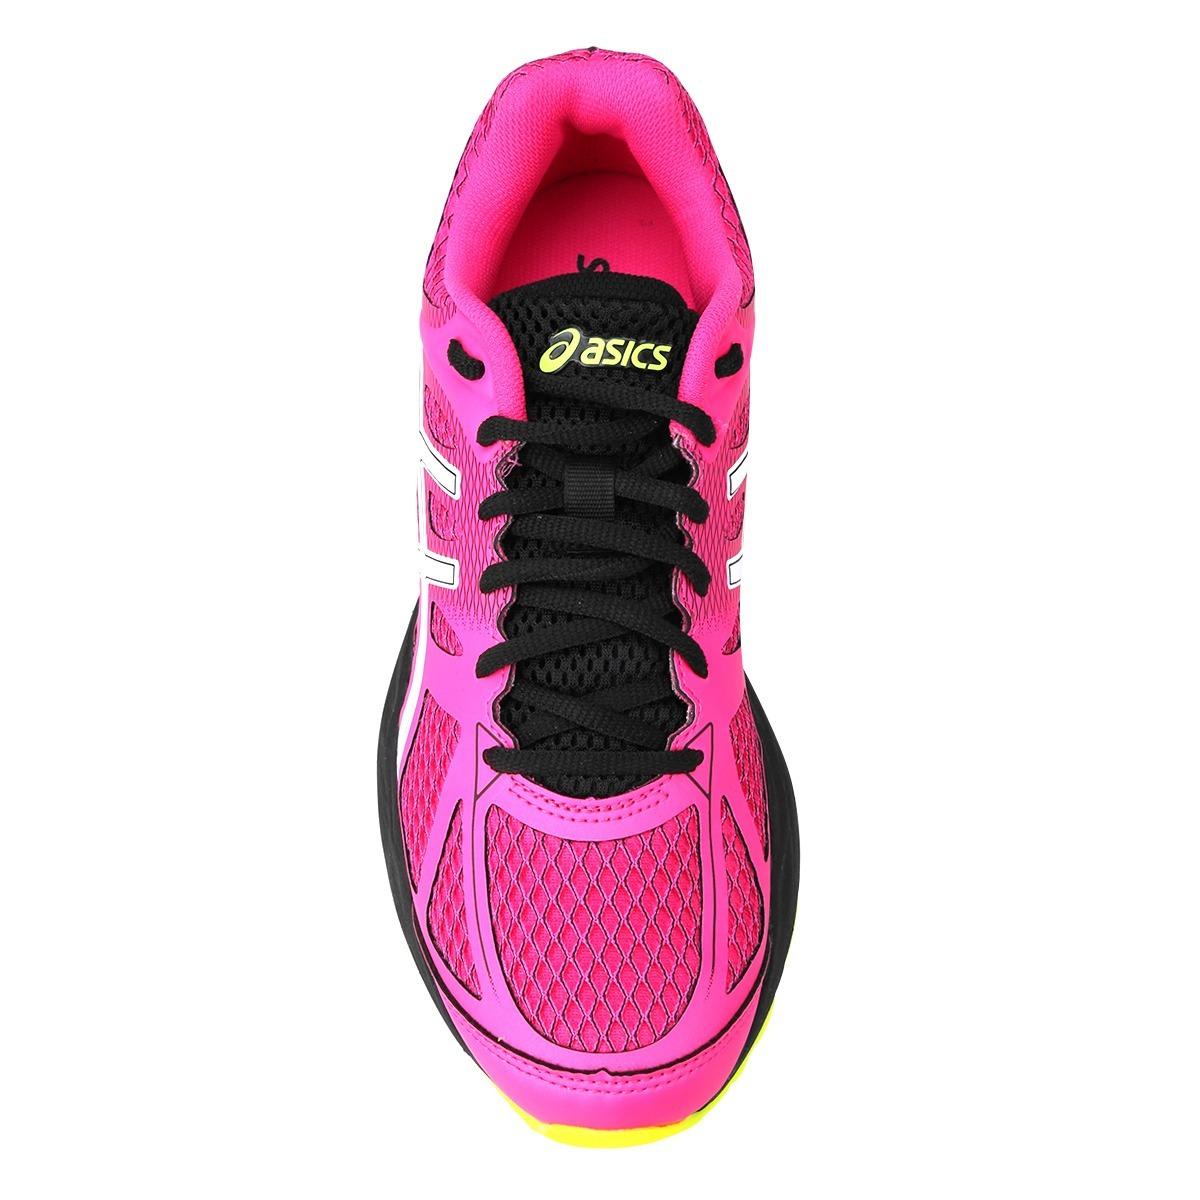 Carregando zoom... tênis asics gel spree feminino - pink e branco - original 3086ca3f12668